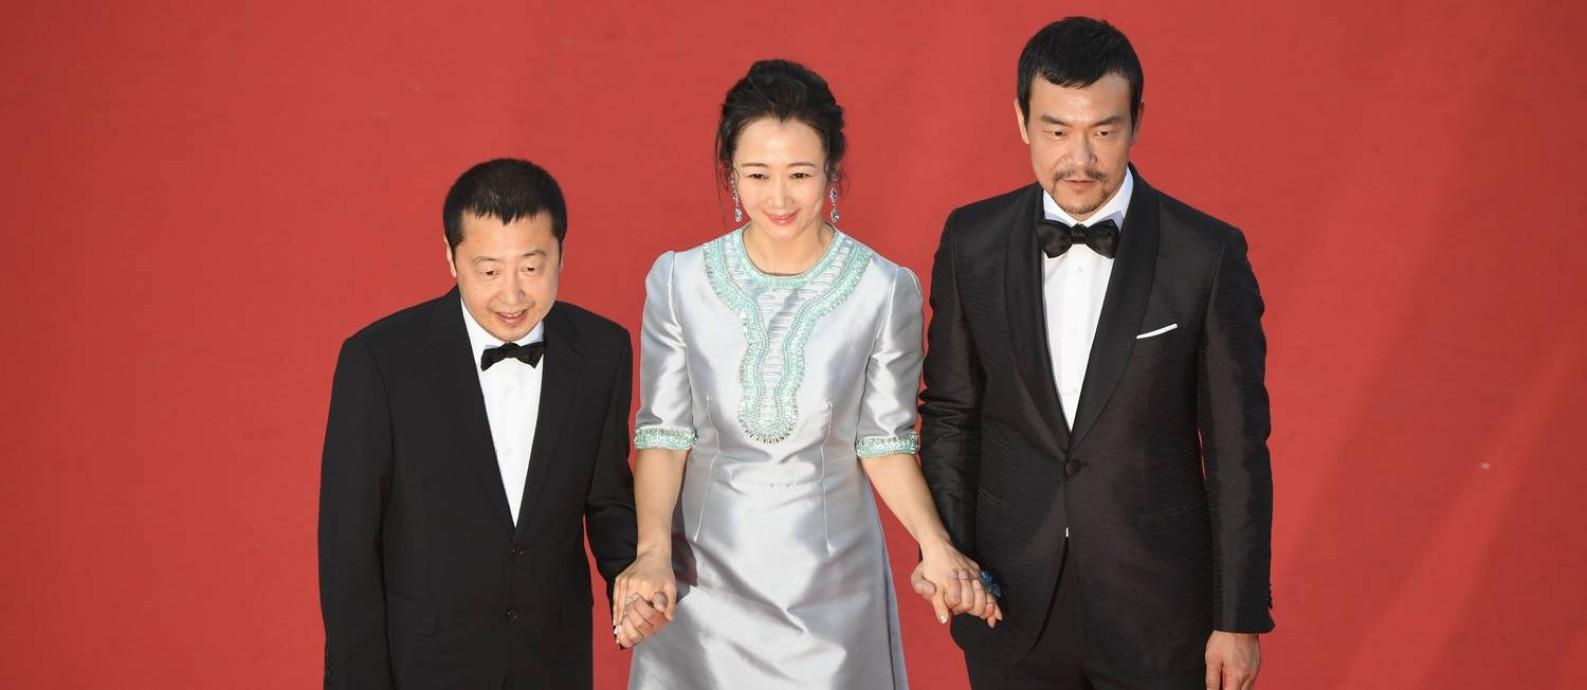 O ator chinês Liao Fan e a atriz Zhao Tao chegam à Croisette com o diretor Jia Zhang-ke para a exibição de